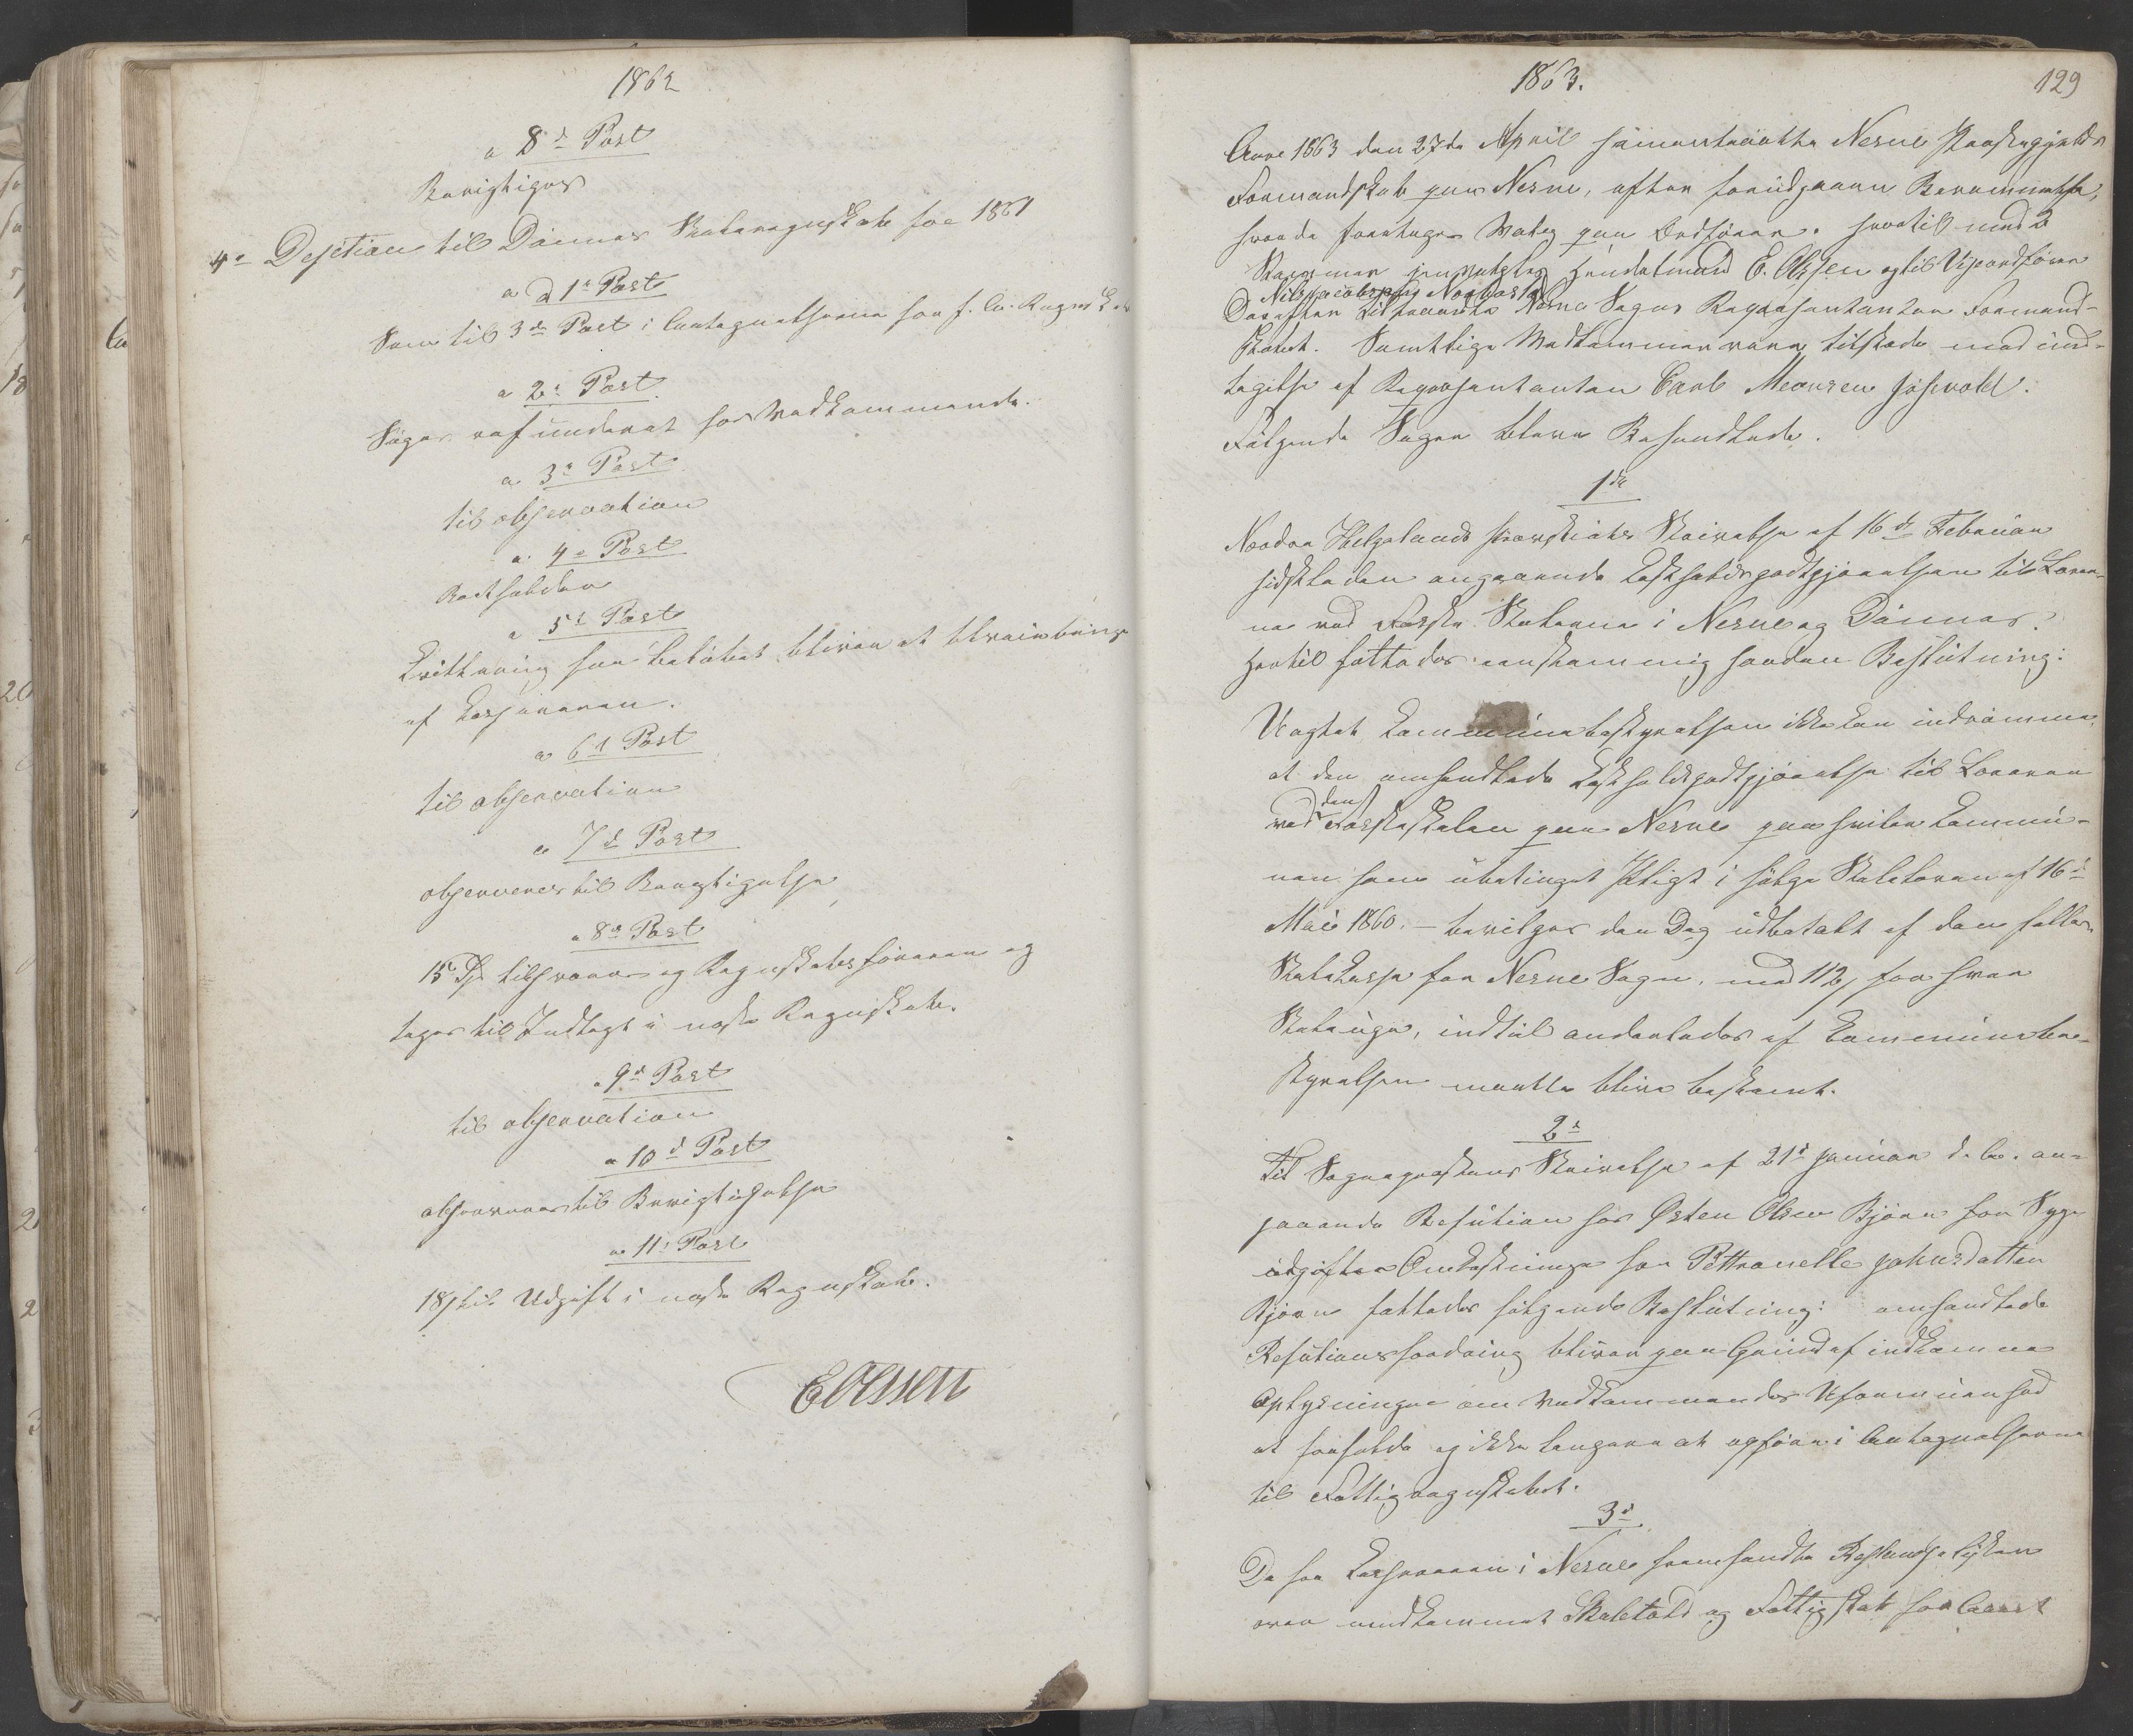 AIN, Nesna kommune. Formannskapet, 100/L0001: Møtebok, 1838-1873, s. 129